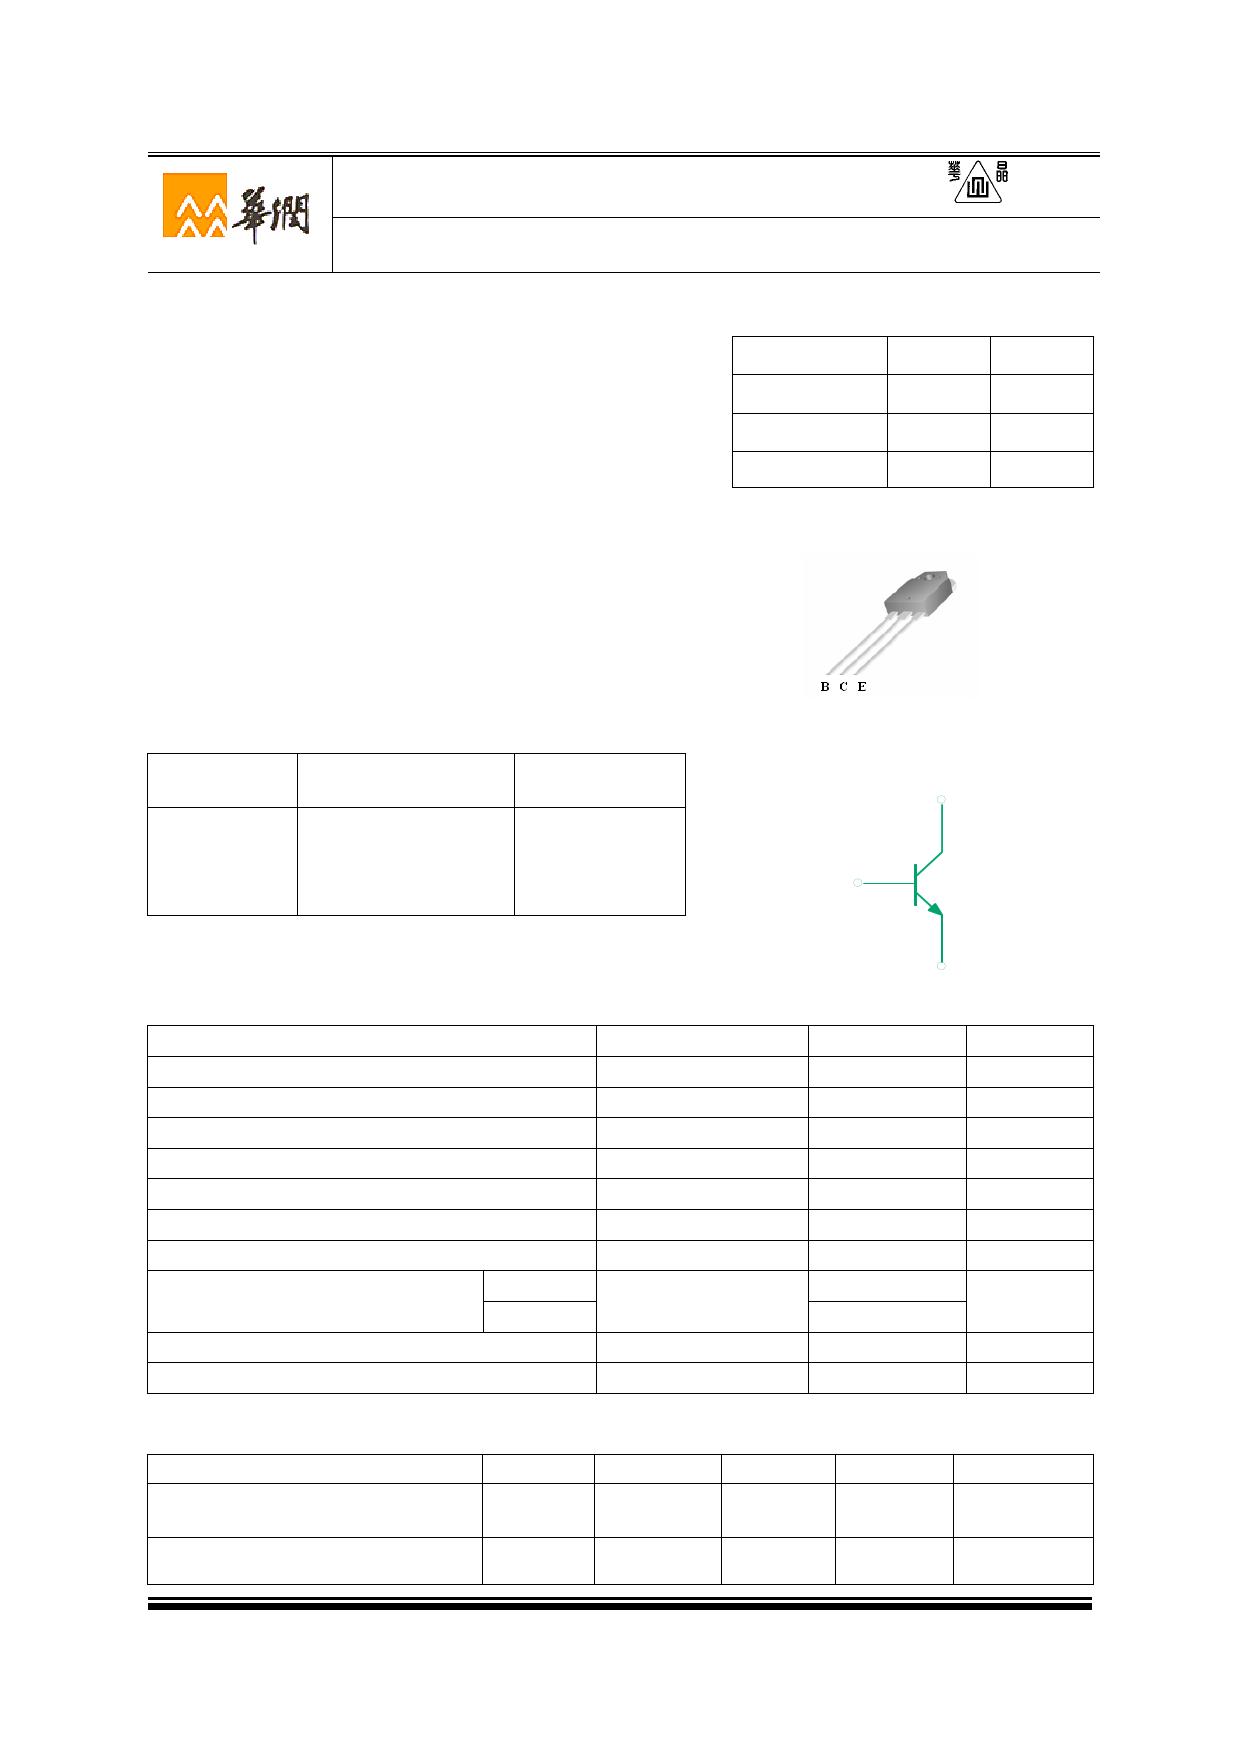 3DD13012AN Datasheet, 3DD13012AN PDF,ピン配置, 機能